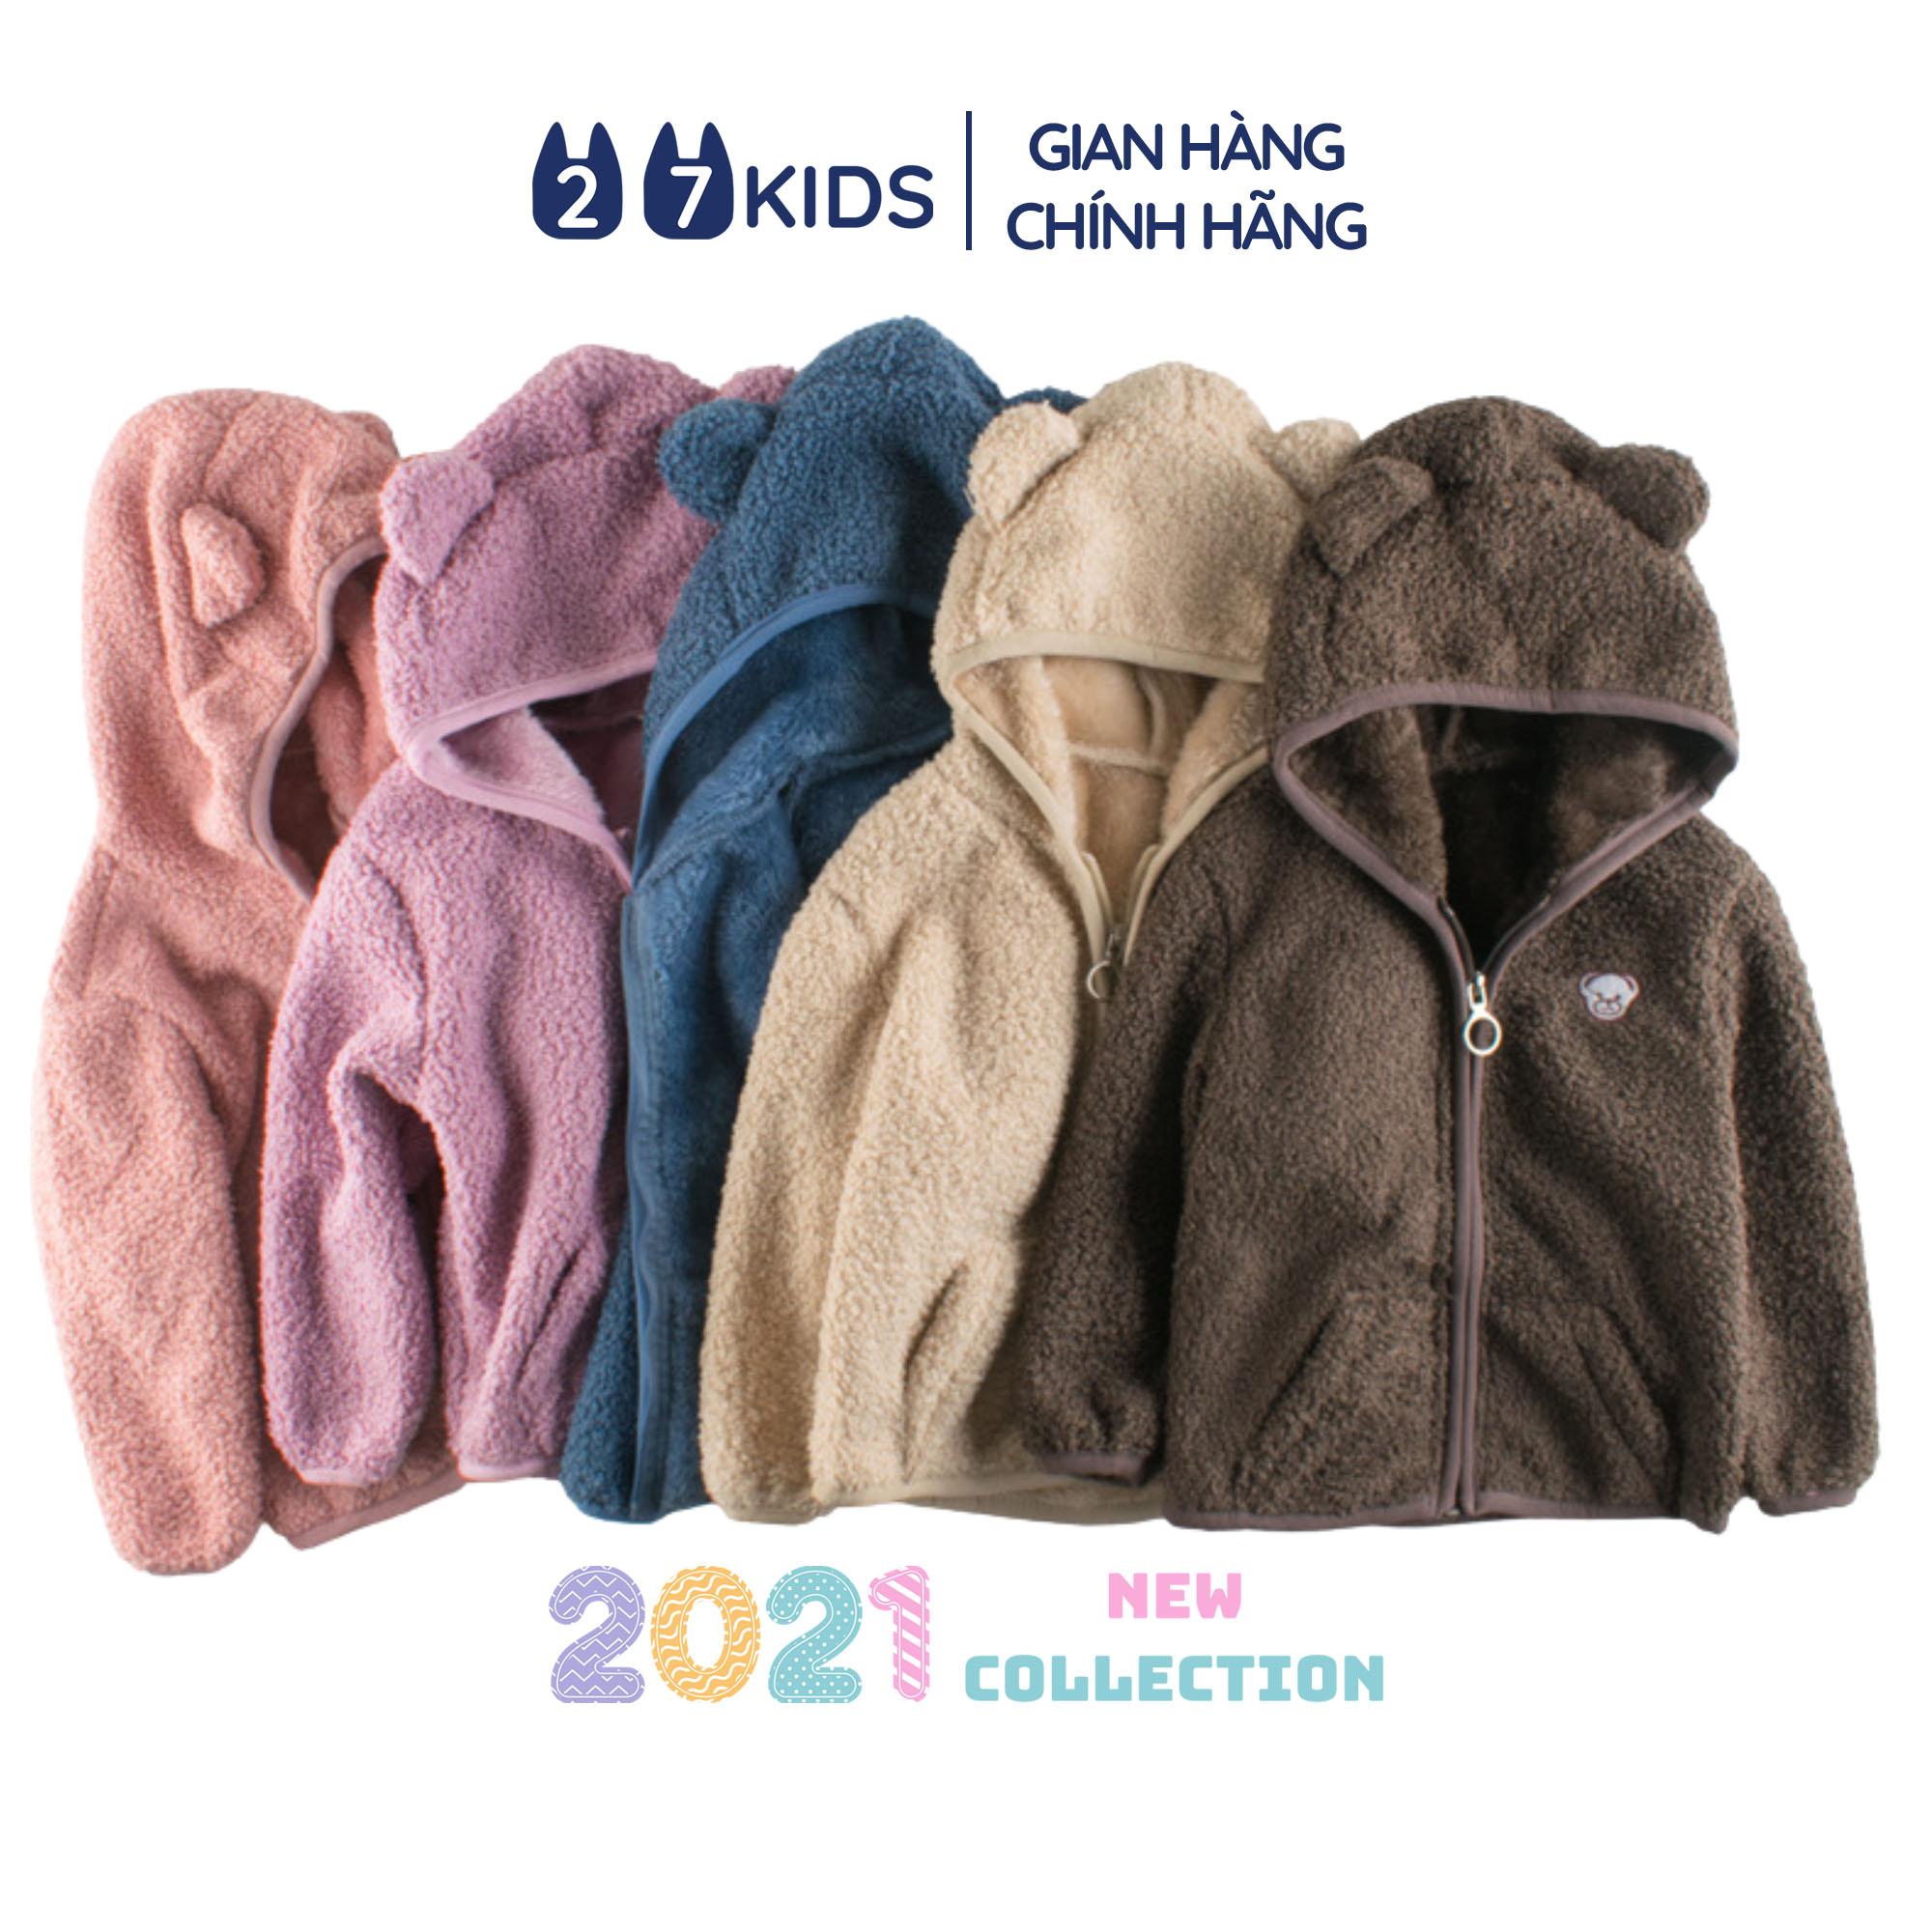 Áo khoác lông cừu cho bé trai bé gái 27Kids áo ấm mùa đông có mũ cho trẻ 2-8 tuổi...